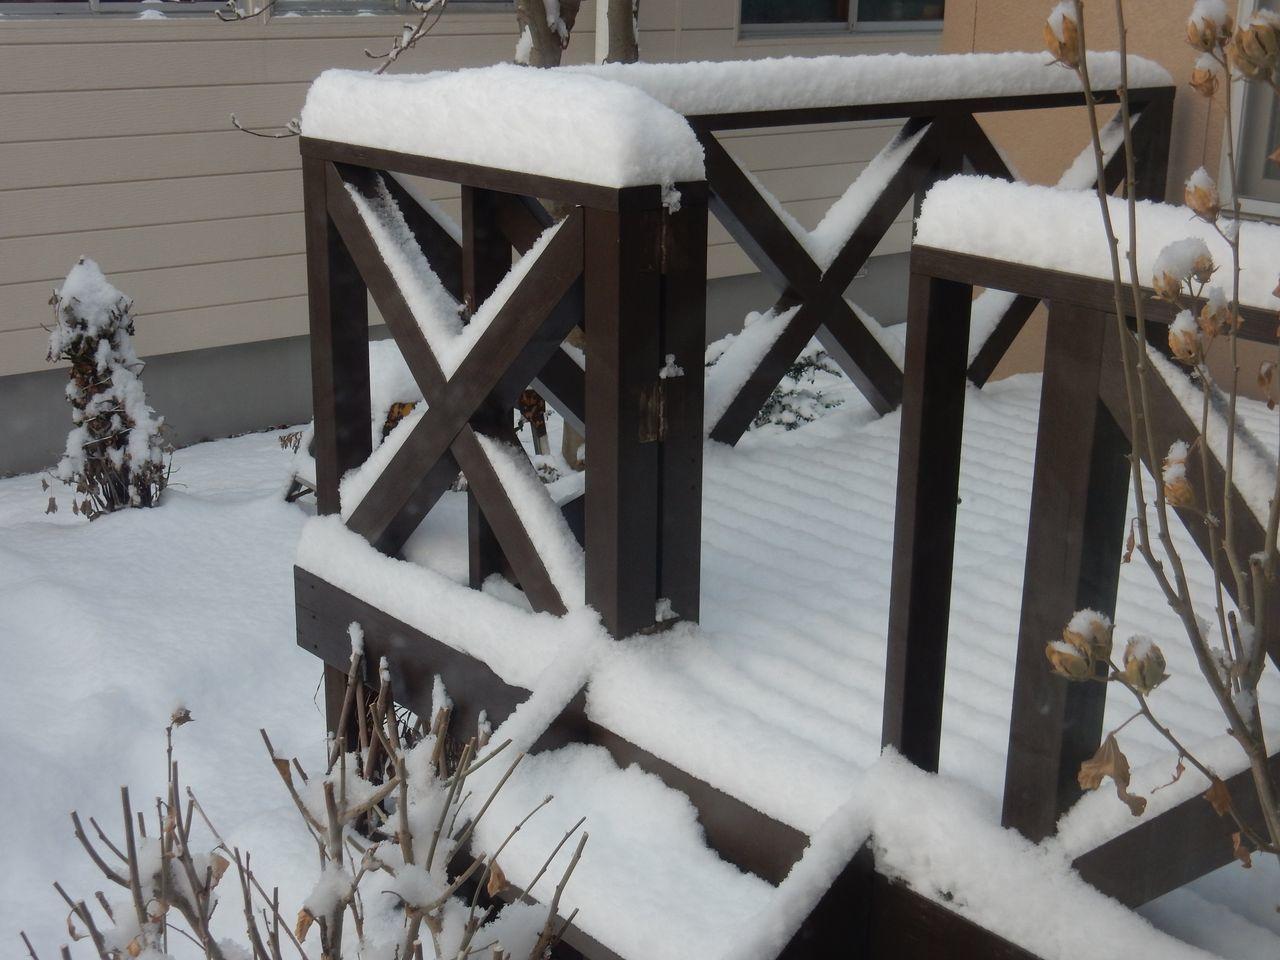 雪が積もるとホッとします_c0025115_21305555.jpg